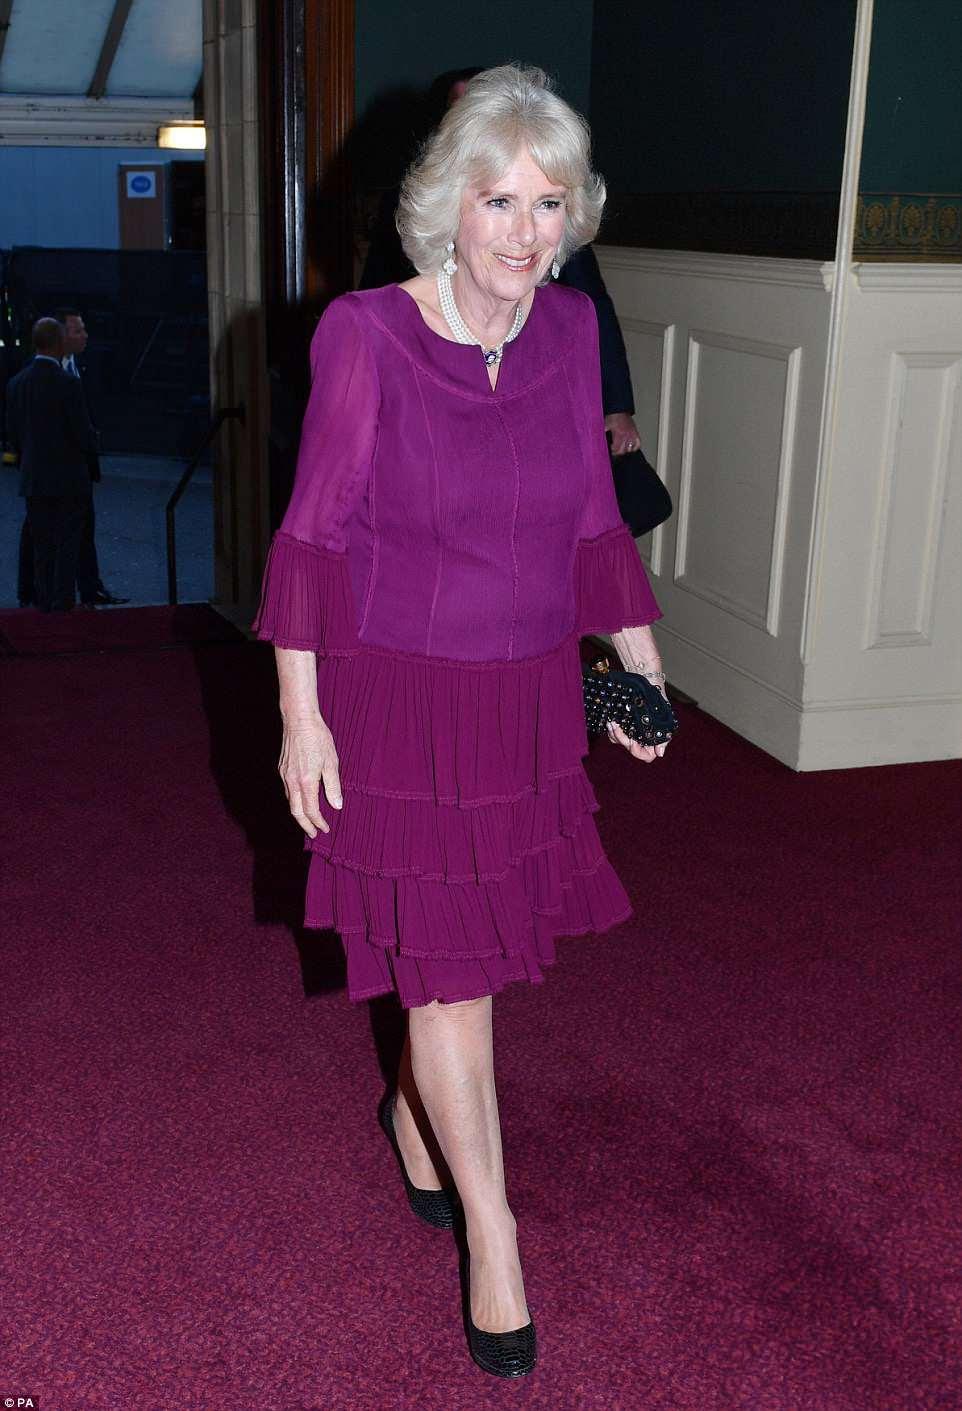 Camilla, a duquesa da Cornualha, optou por um vestido de noite com uma tonalidade profunda e combinou com sapatos pretos